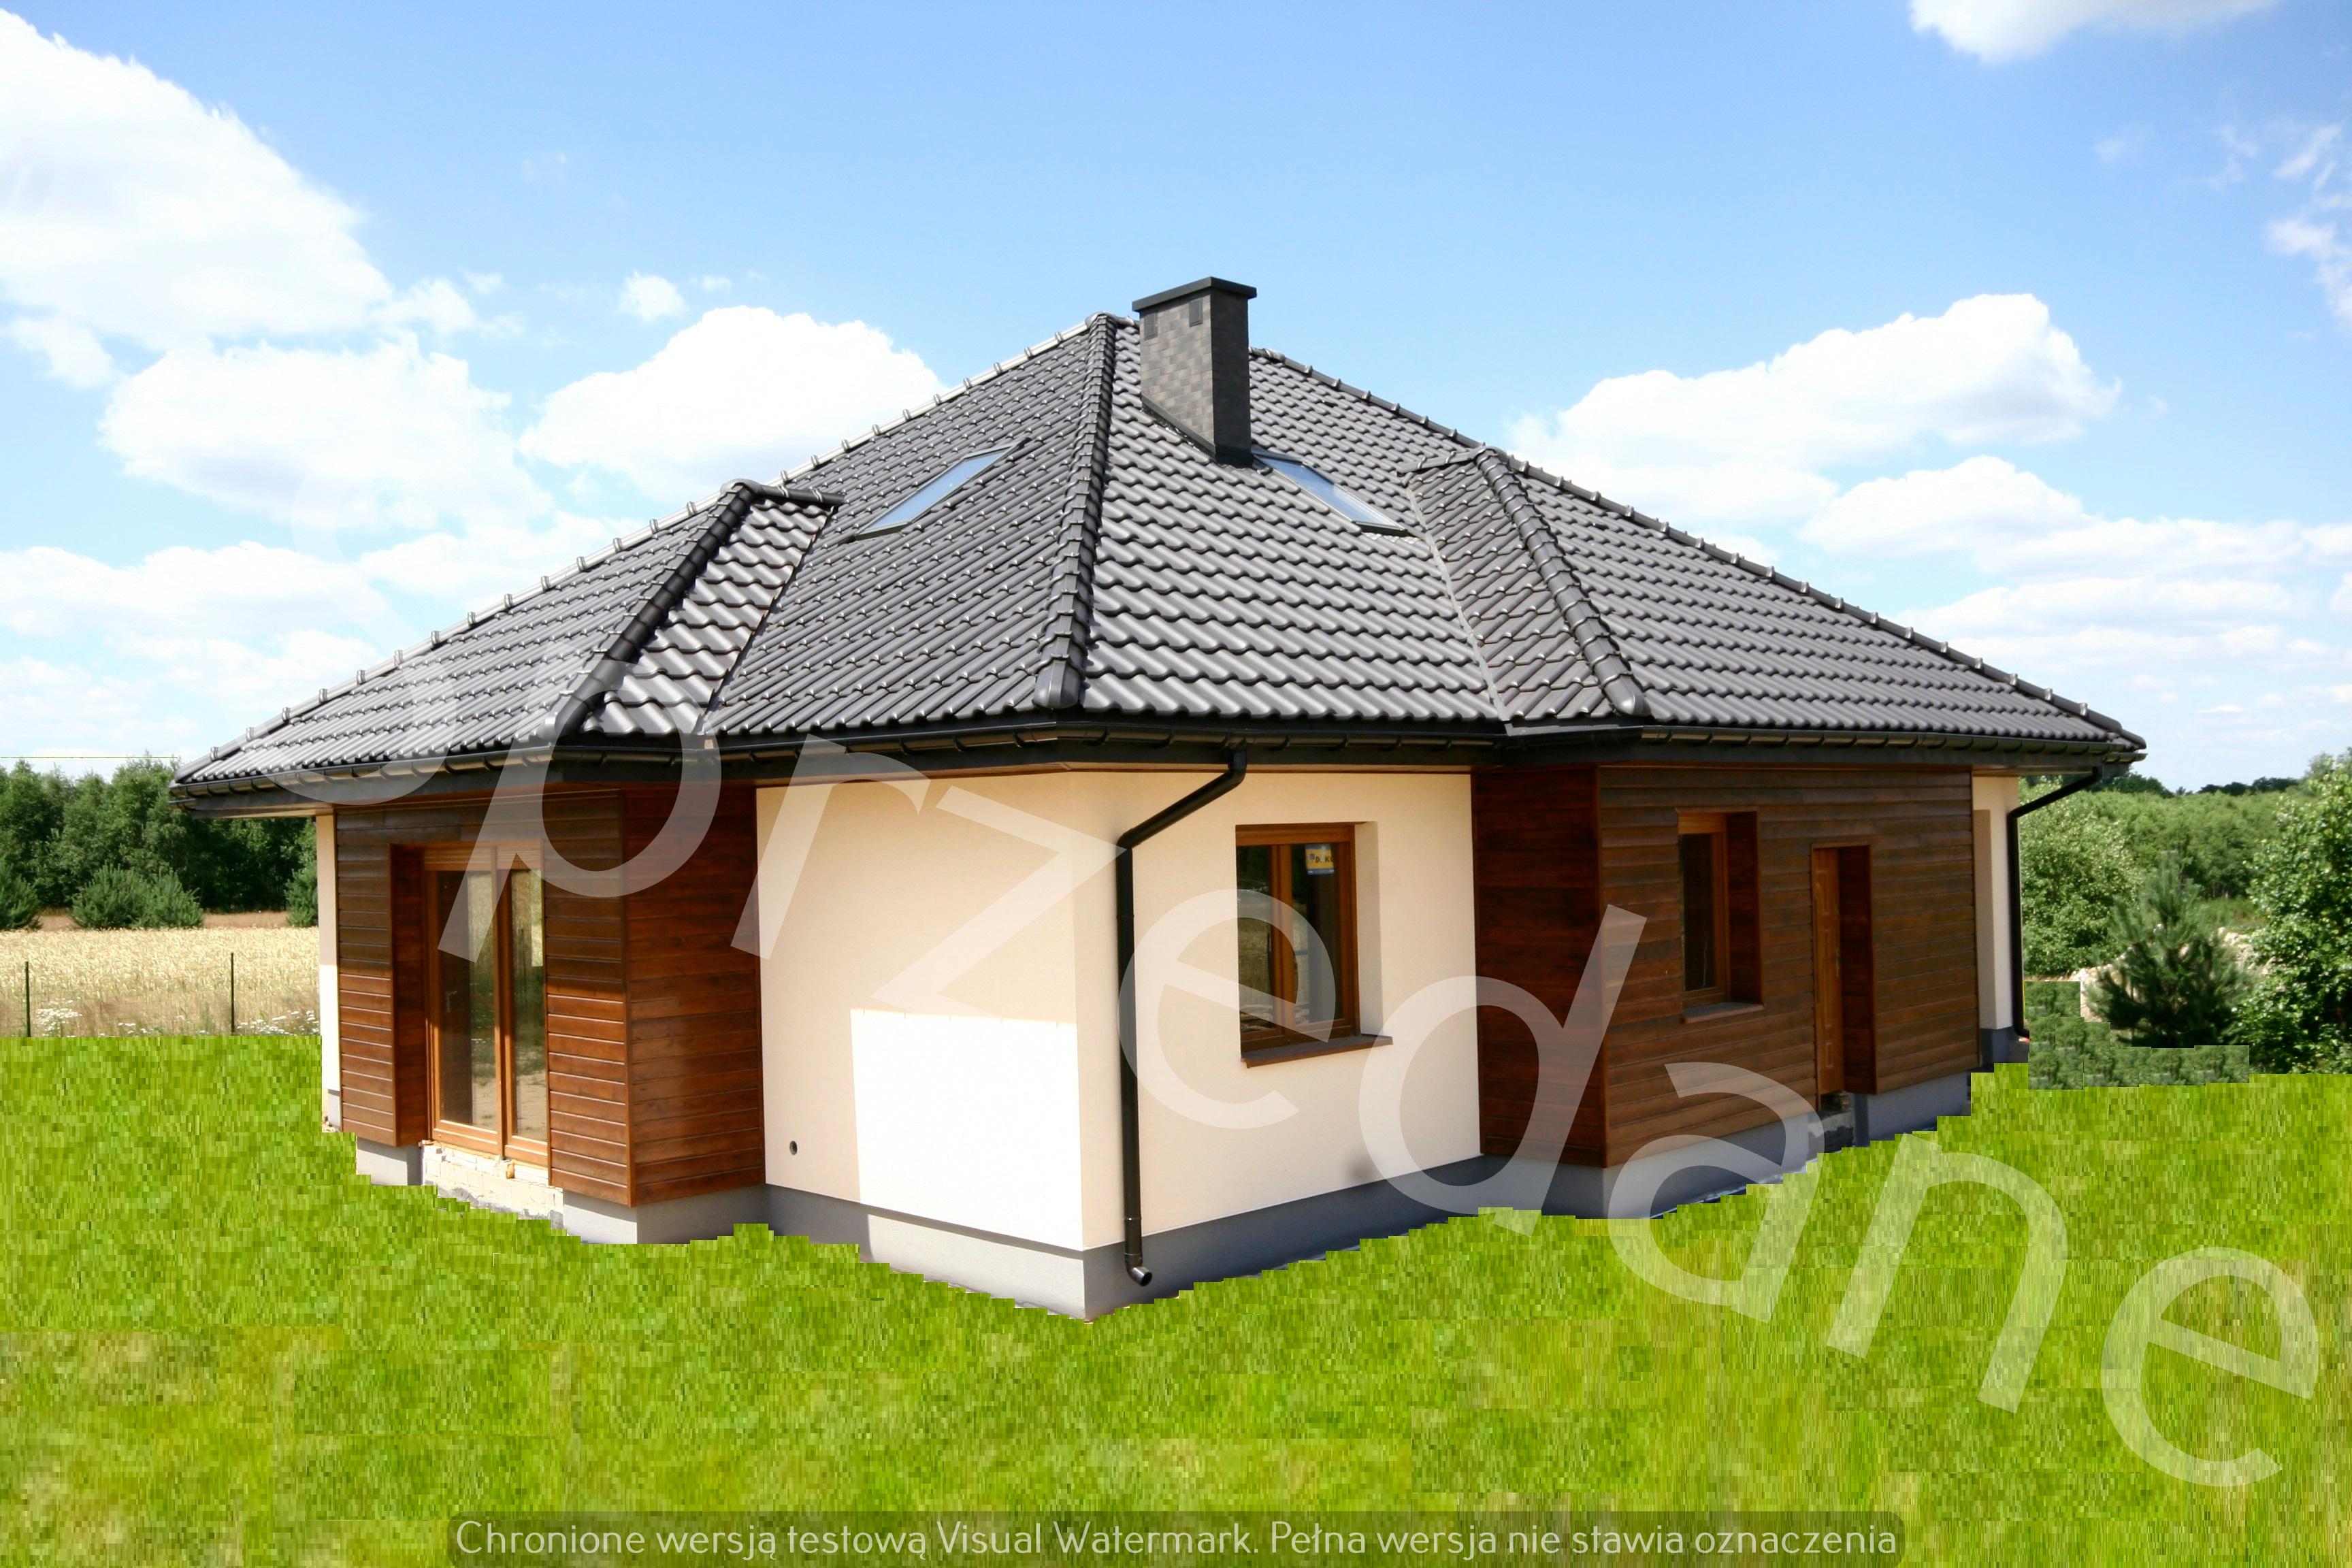 Działka budowlana z domem MK Mały Szczecińska 17